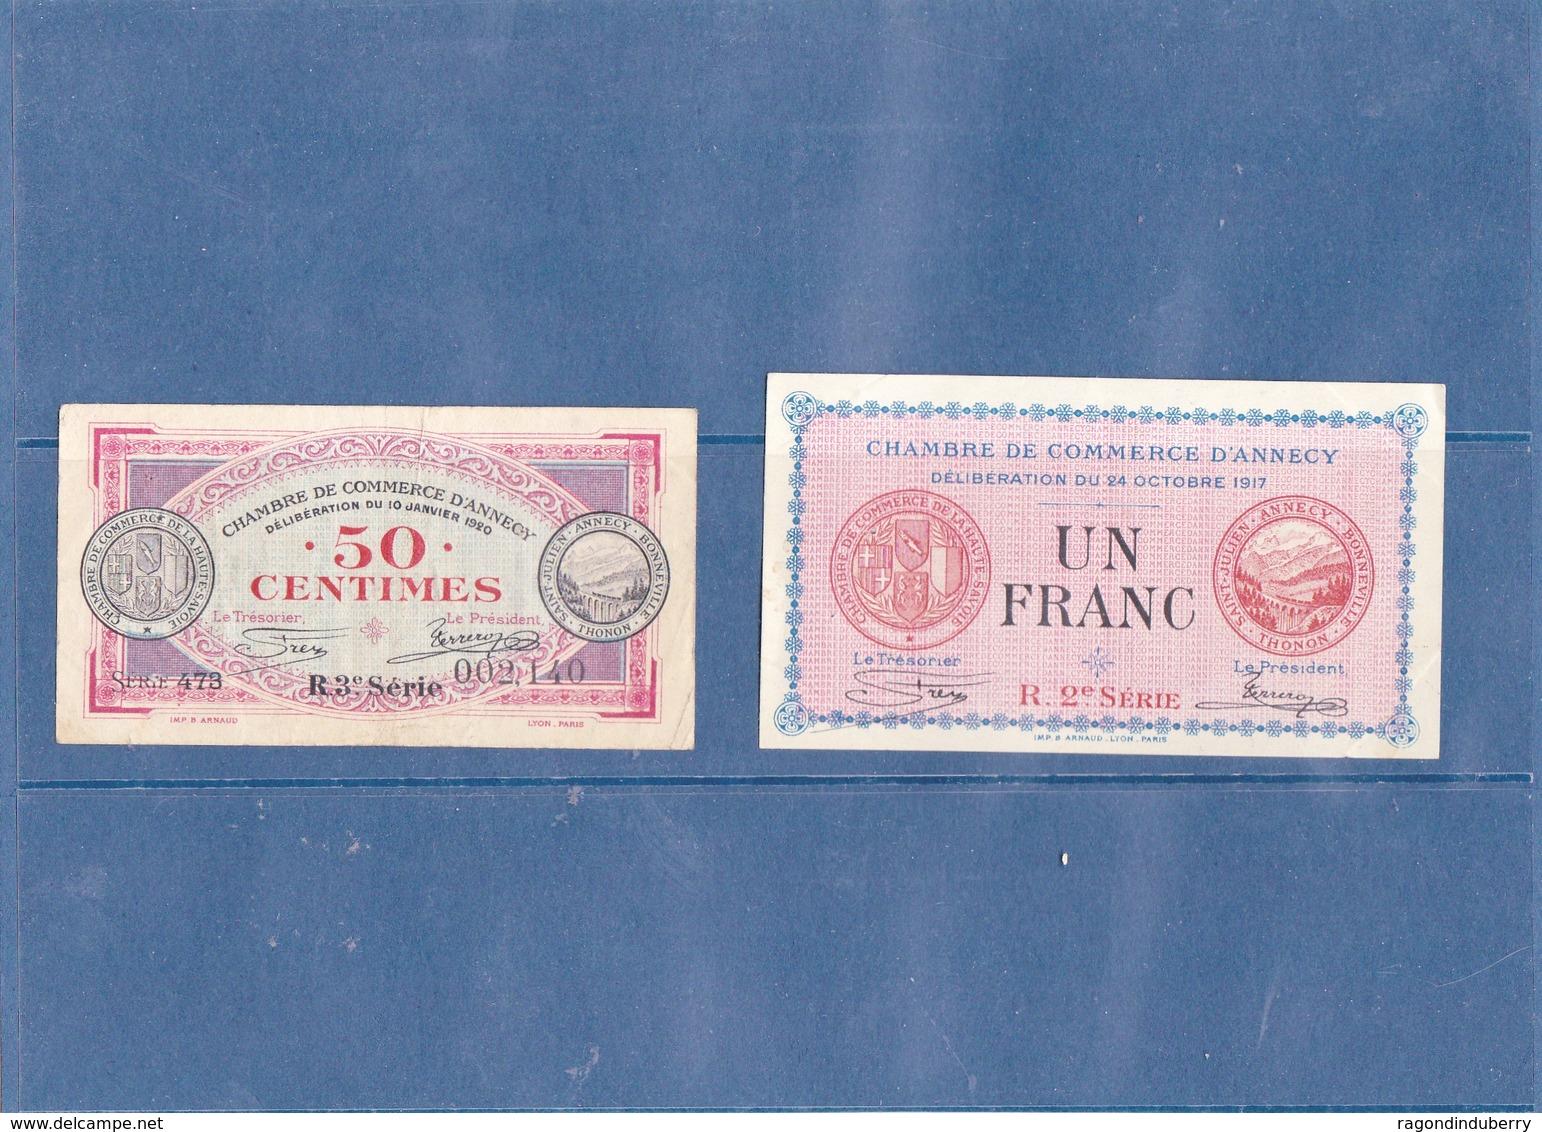 74 - ANNECY - 2 Billets De La CHAMBRE DE COMMERCE - 1Frs 1917 Et 0,50 Cts 1920 - Frais De Port Gratuits - Chamber Of Commerce